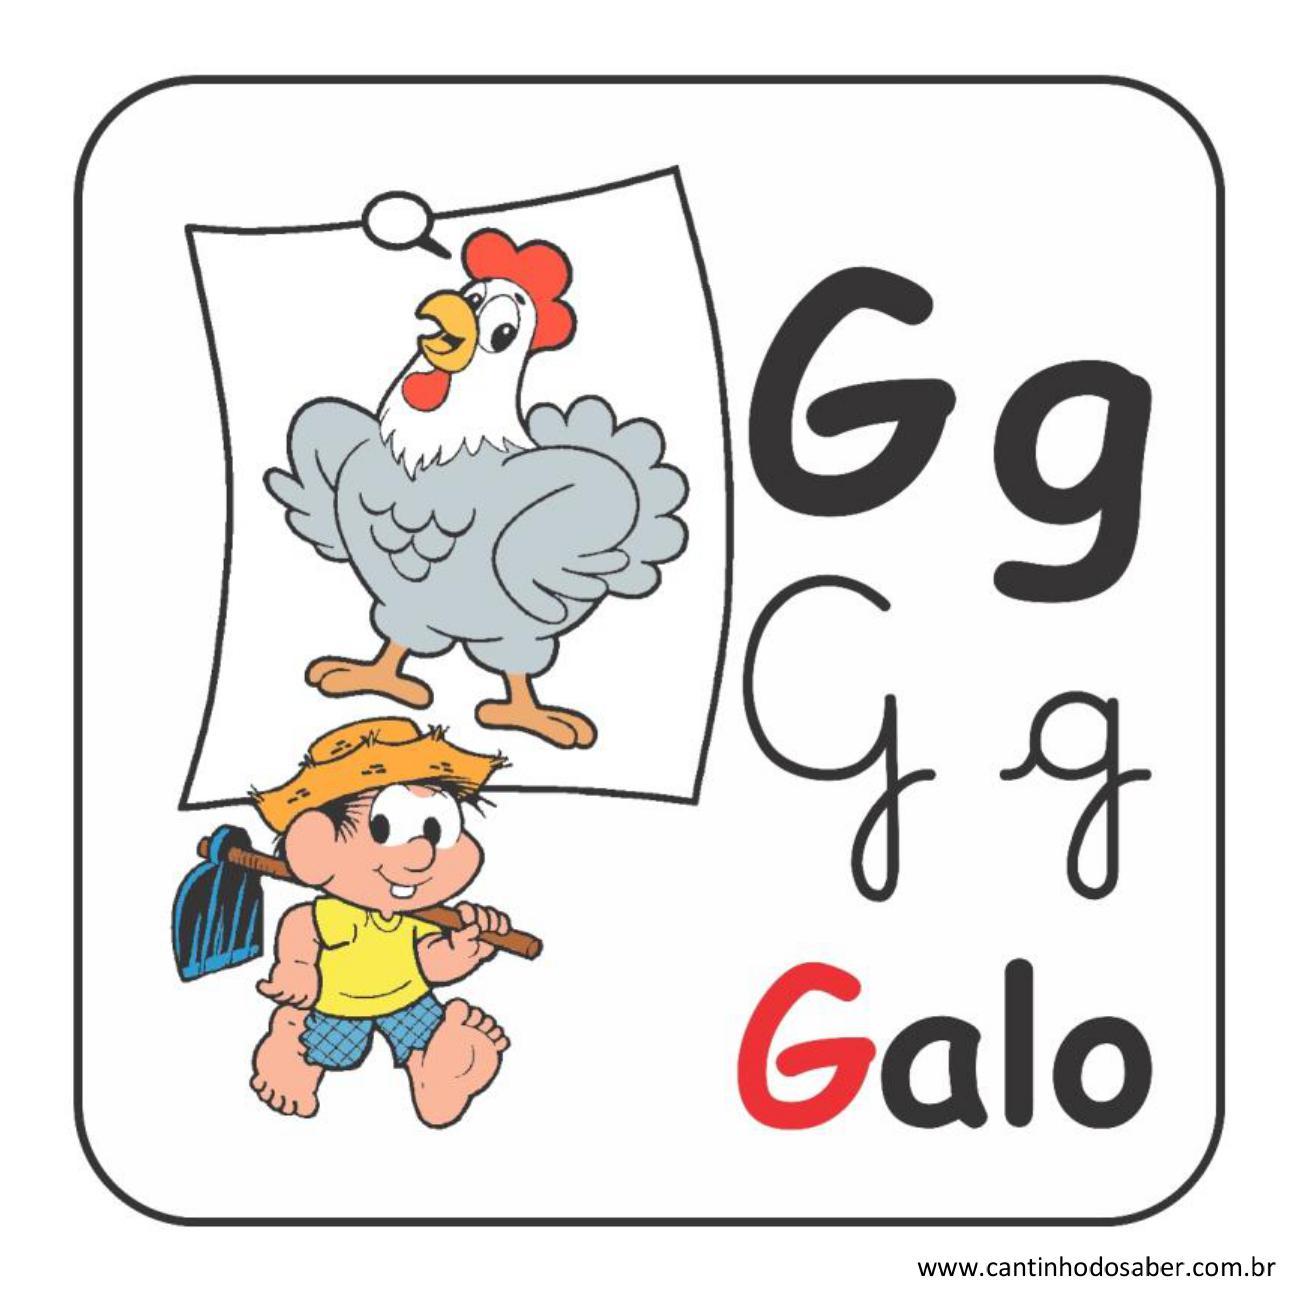 Alfabeto da turma da mônica em letra bastão e cursiva letra g